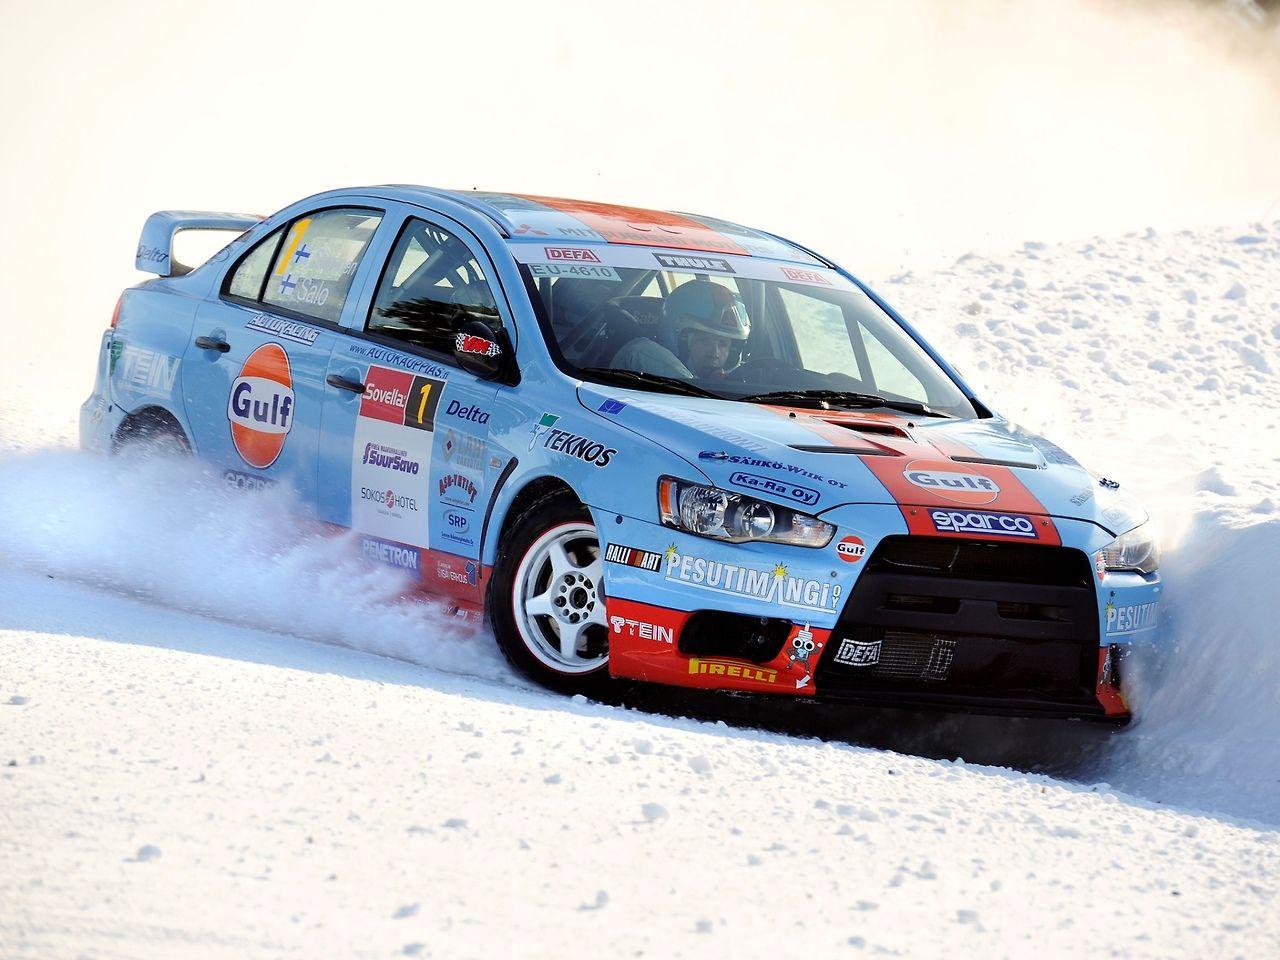 Juha Salo Marko Salminen Evo X Rally Car Evo X Sport